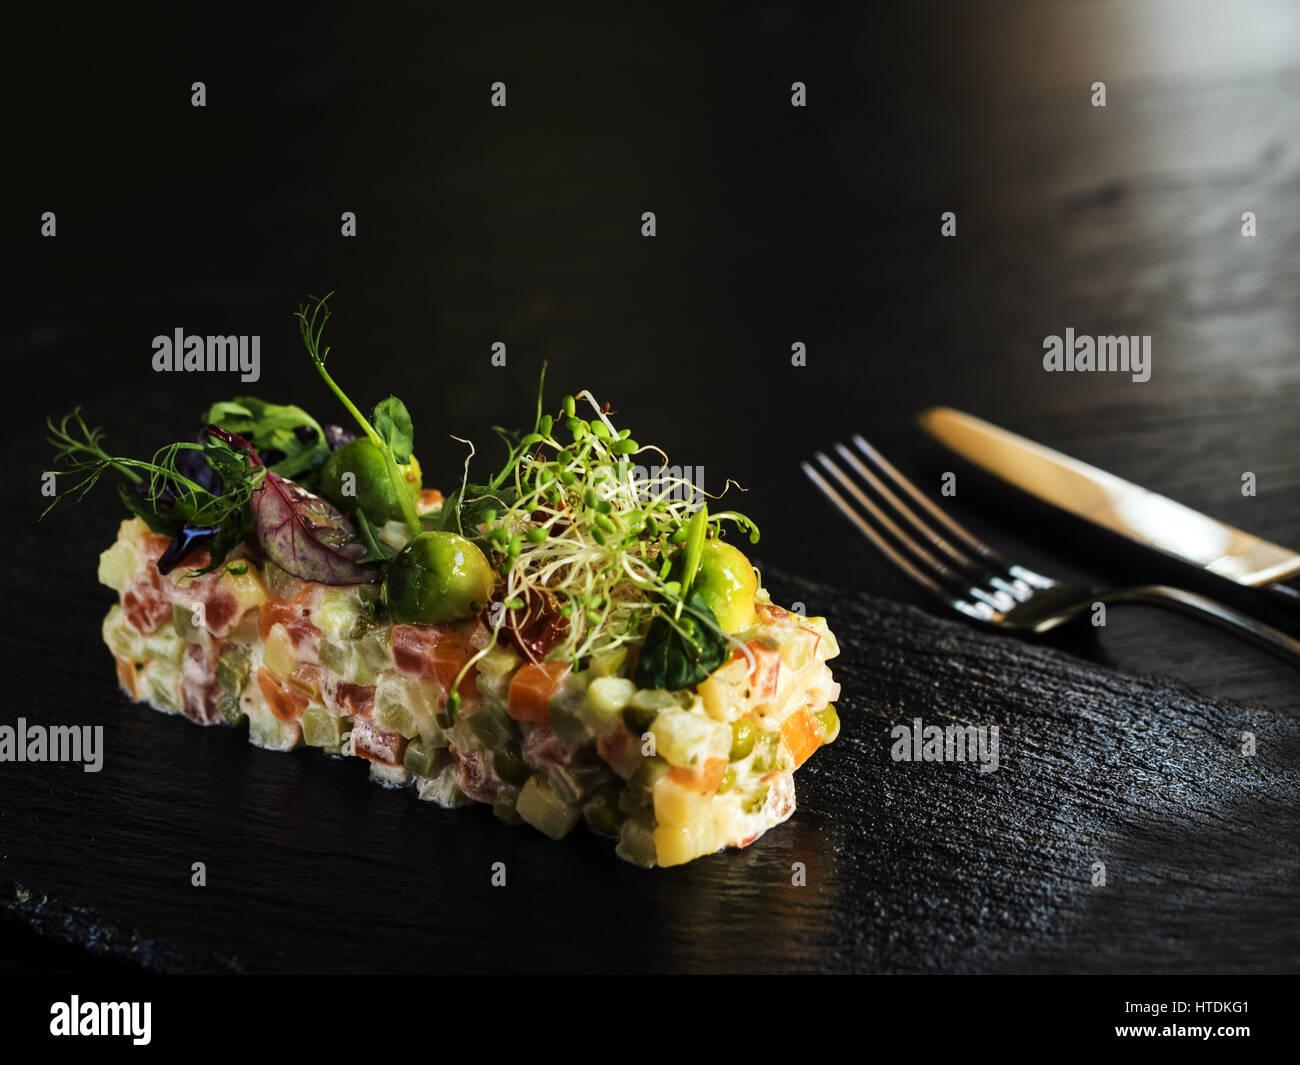 Vegetarischer Salat Olivier, die gekochten Kartoffeln und Karotten, Erbsen, Gewürzgurken, frischer Gurke, Tofu Stockbild